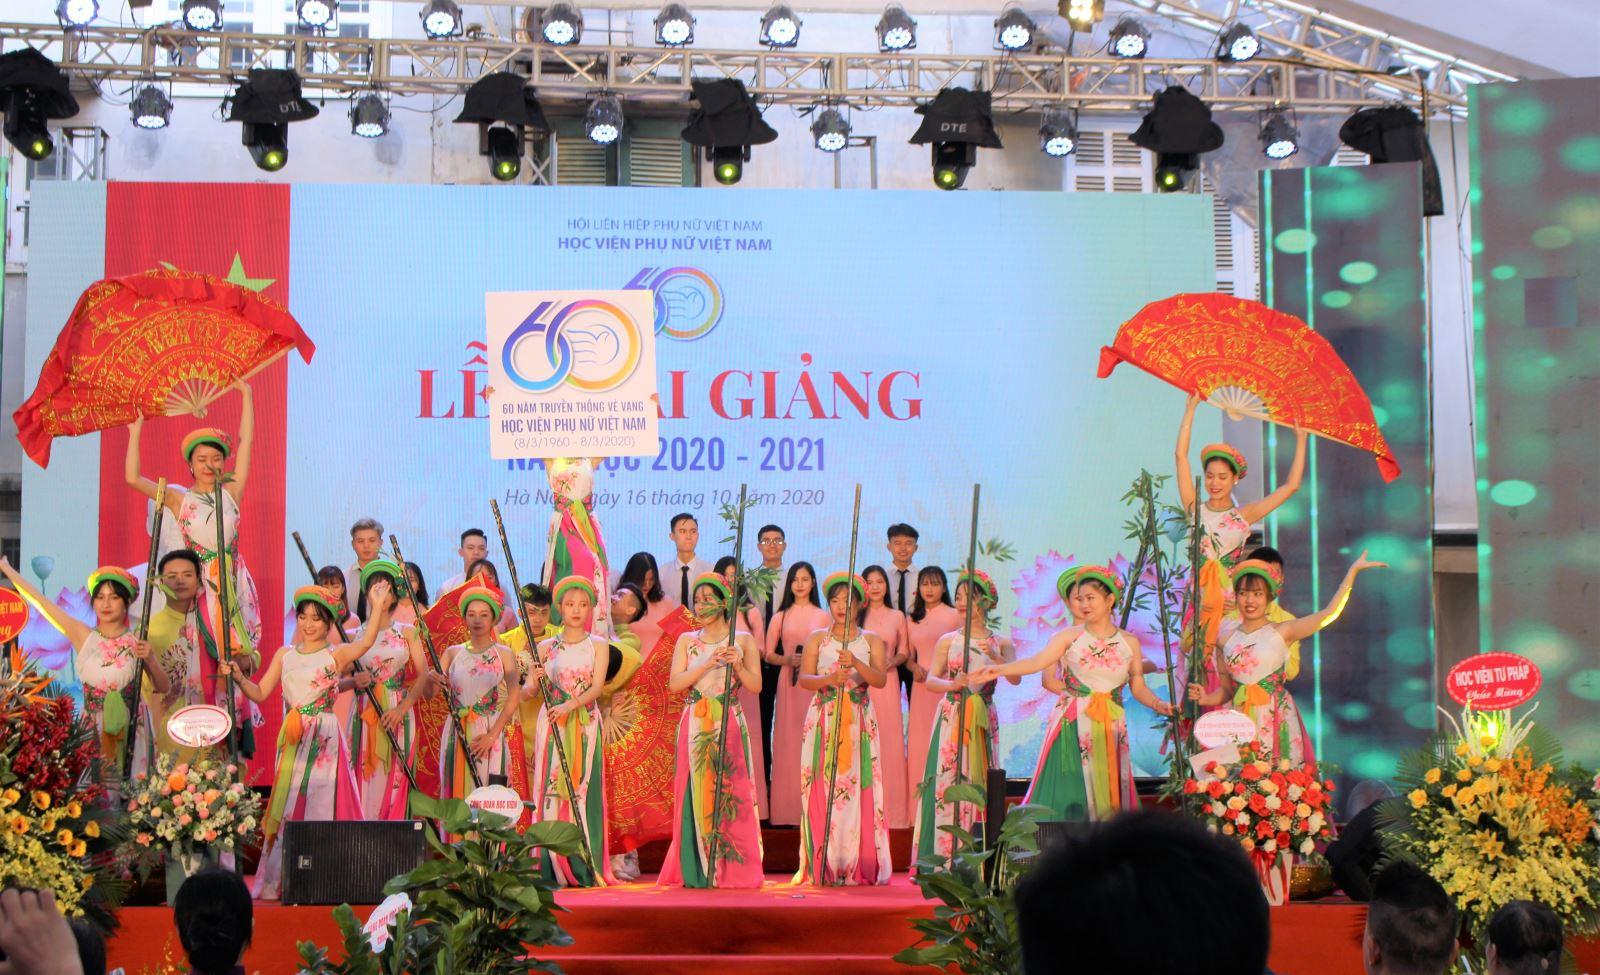 60 năm truyền thống vẻ vang Học viện Phụ nữ Việt Nam